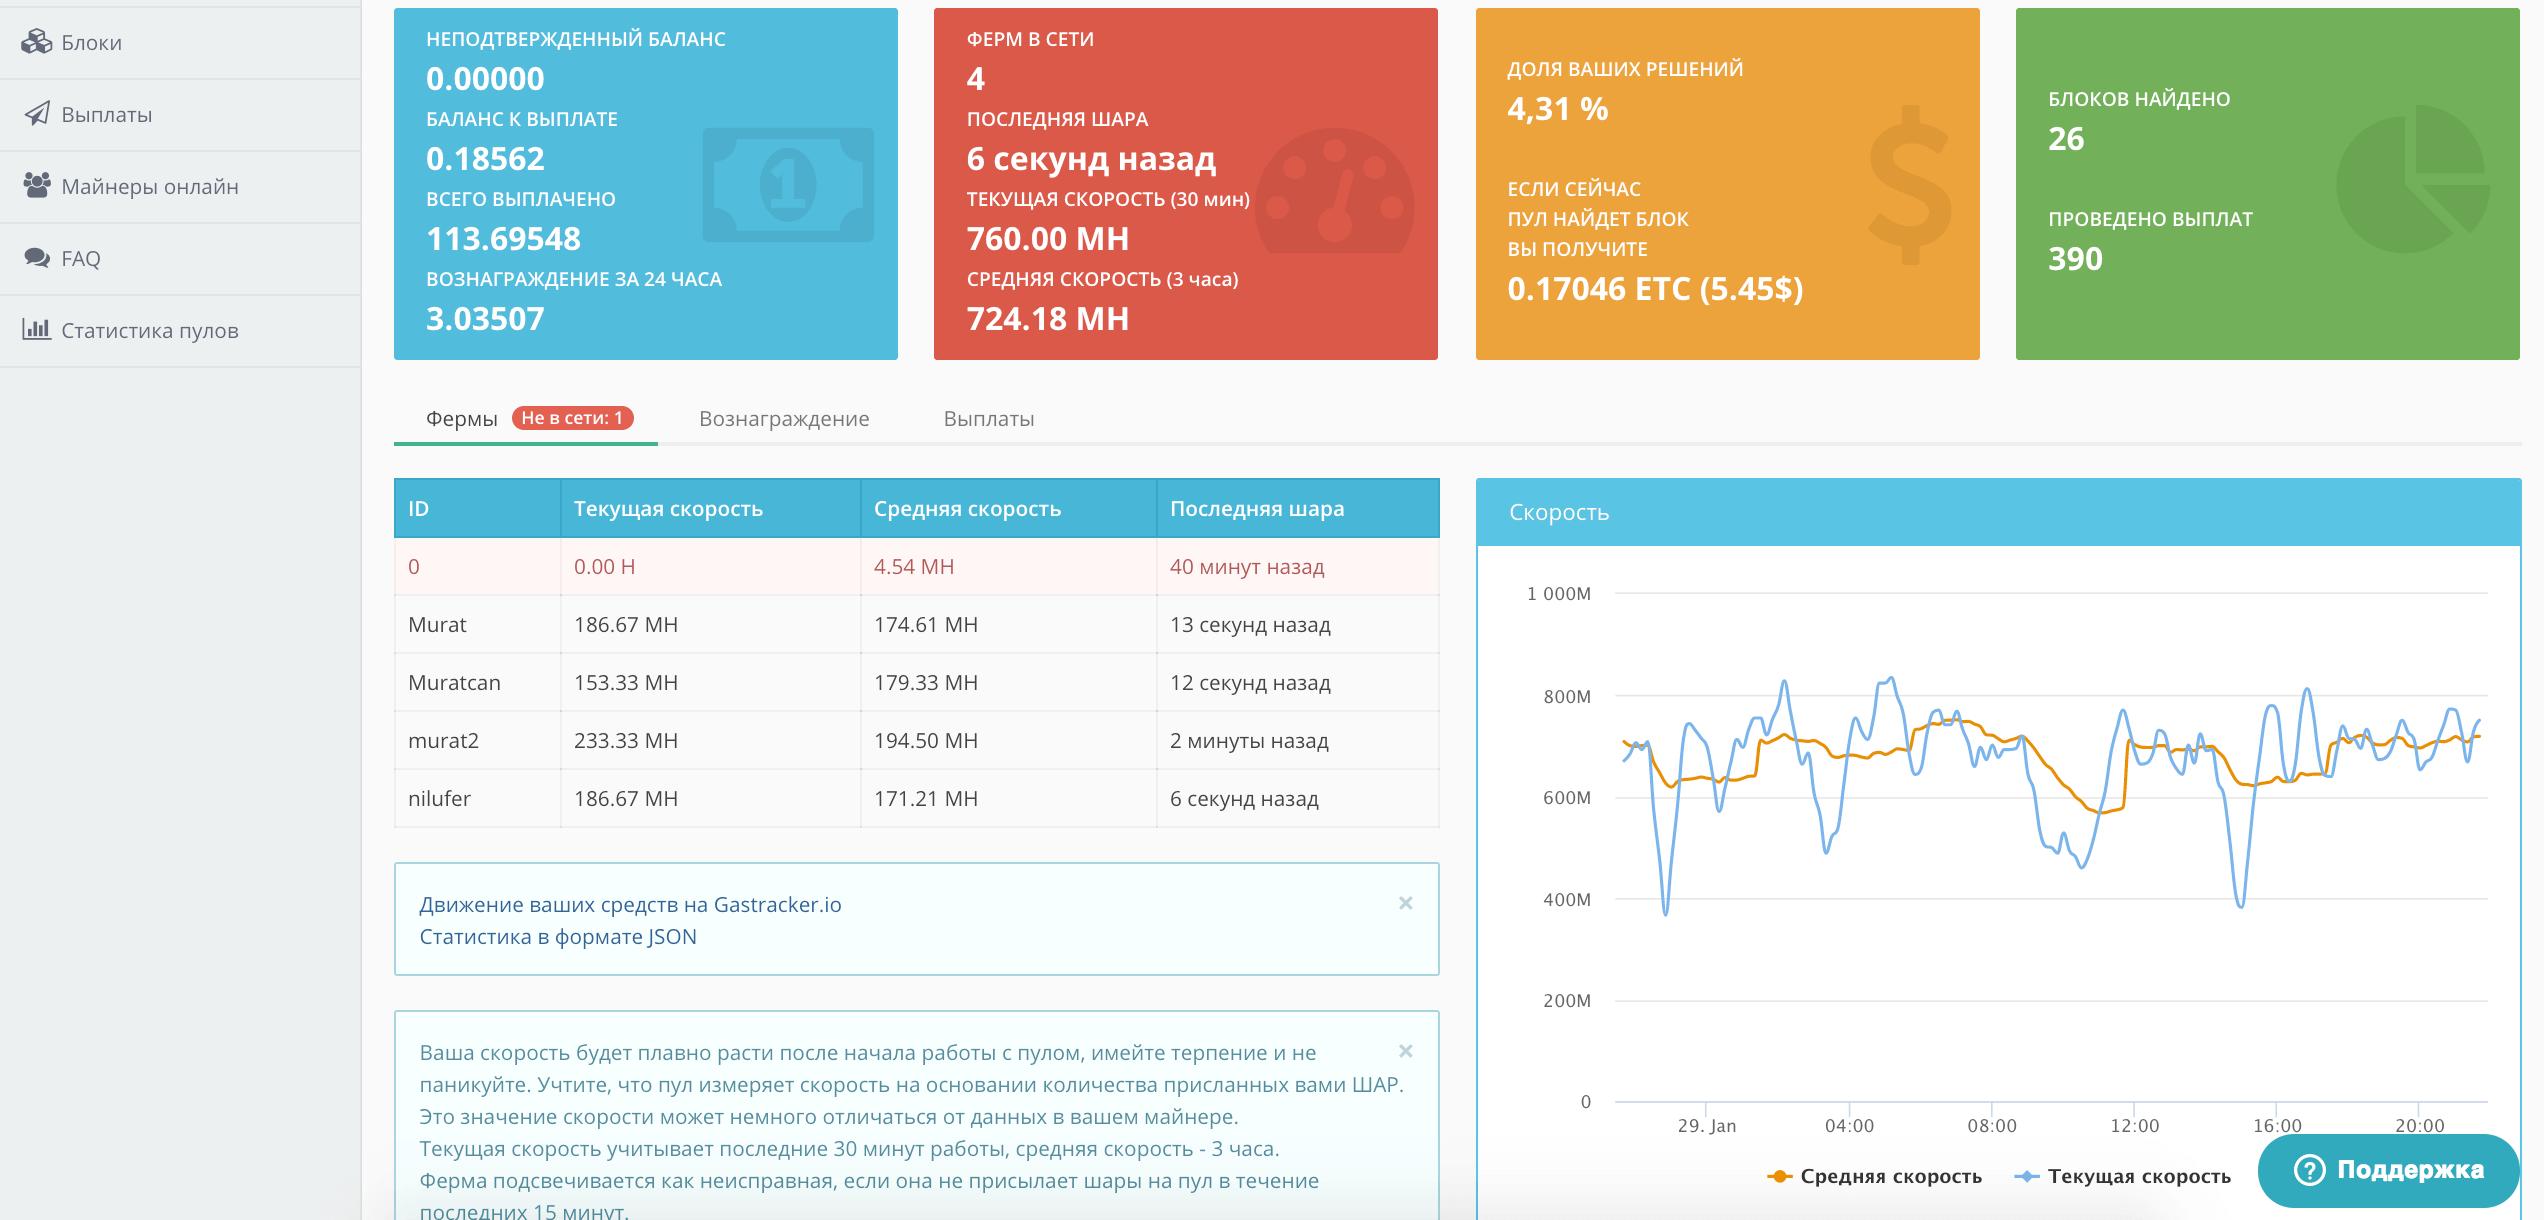 Как майнить aeternity? особенности криптовалюты, прибыльность добычи ae и настройки майнера - 2bitcoins.ru